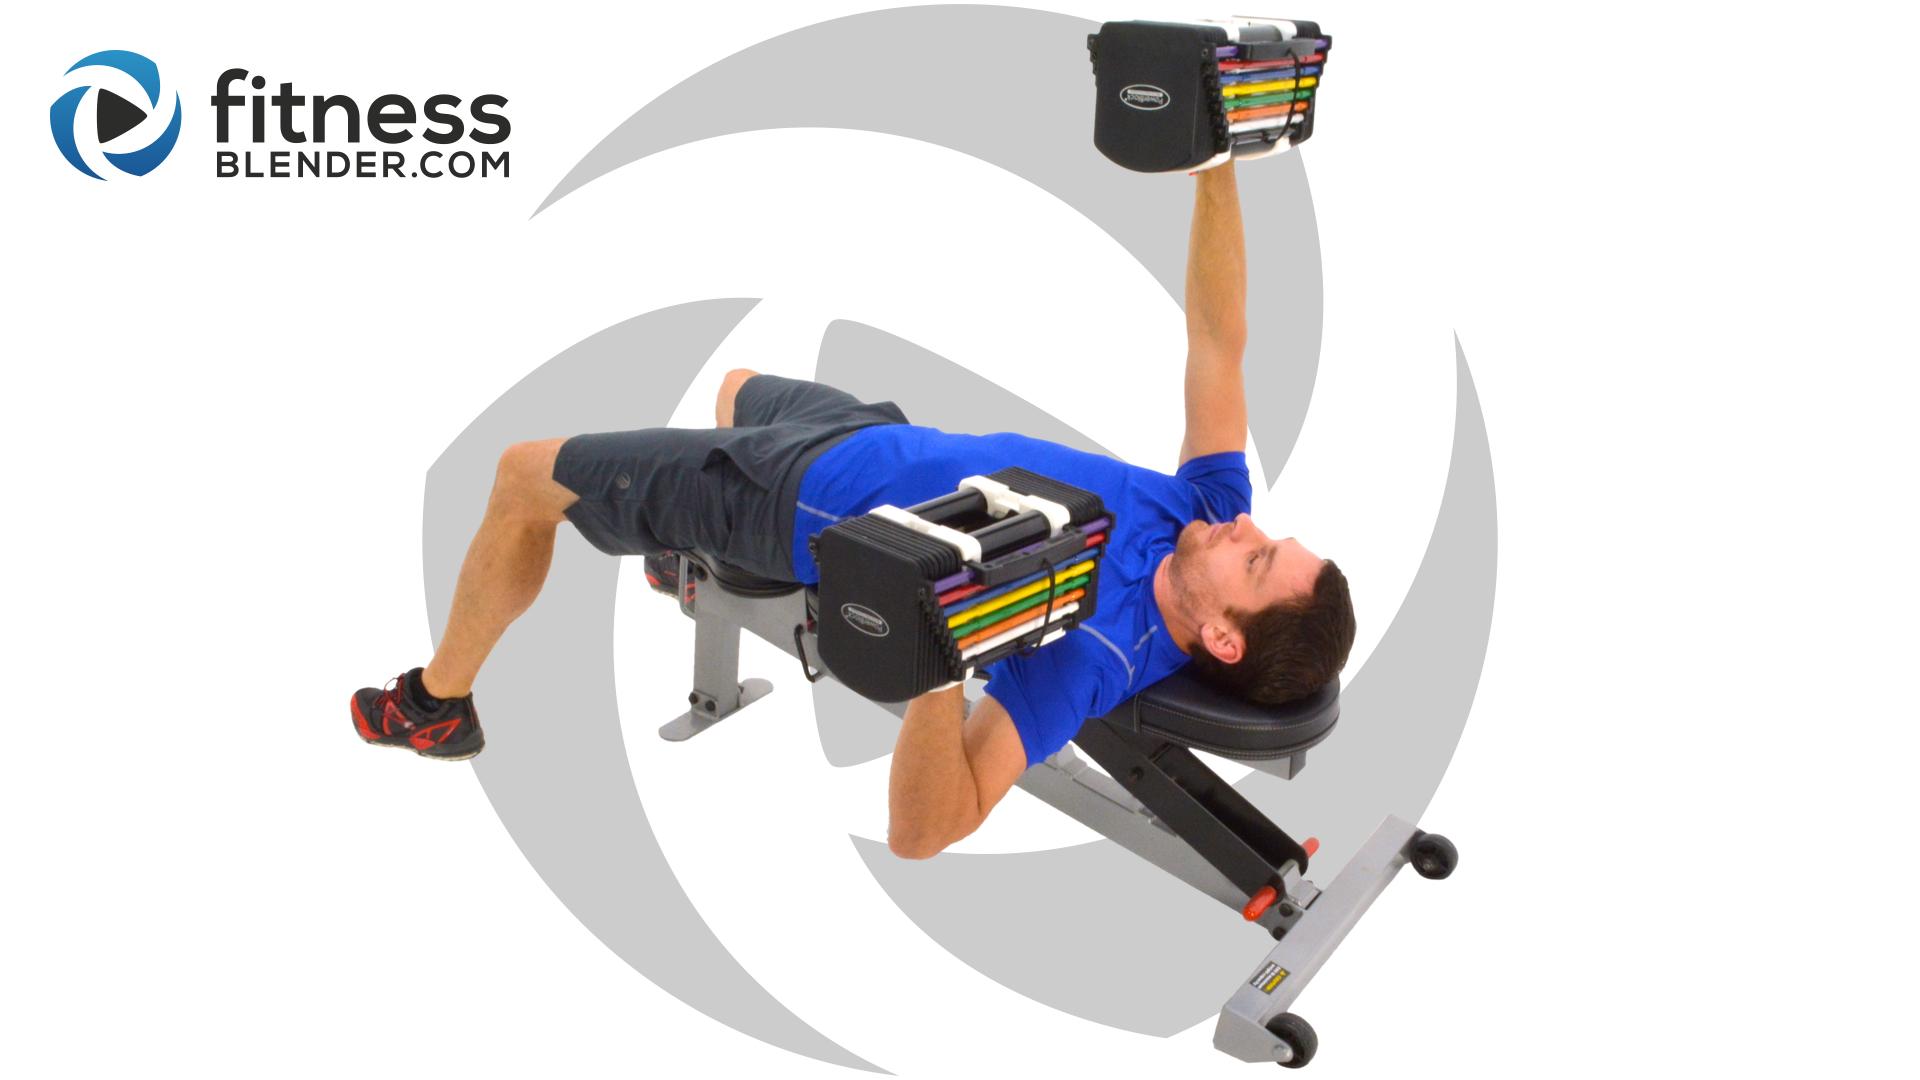 Fitness Blender Upper Body Strength Training